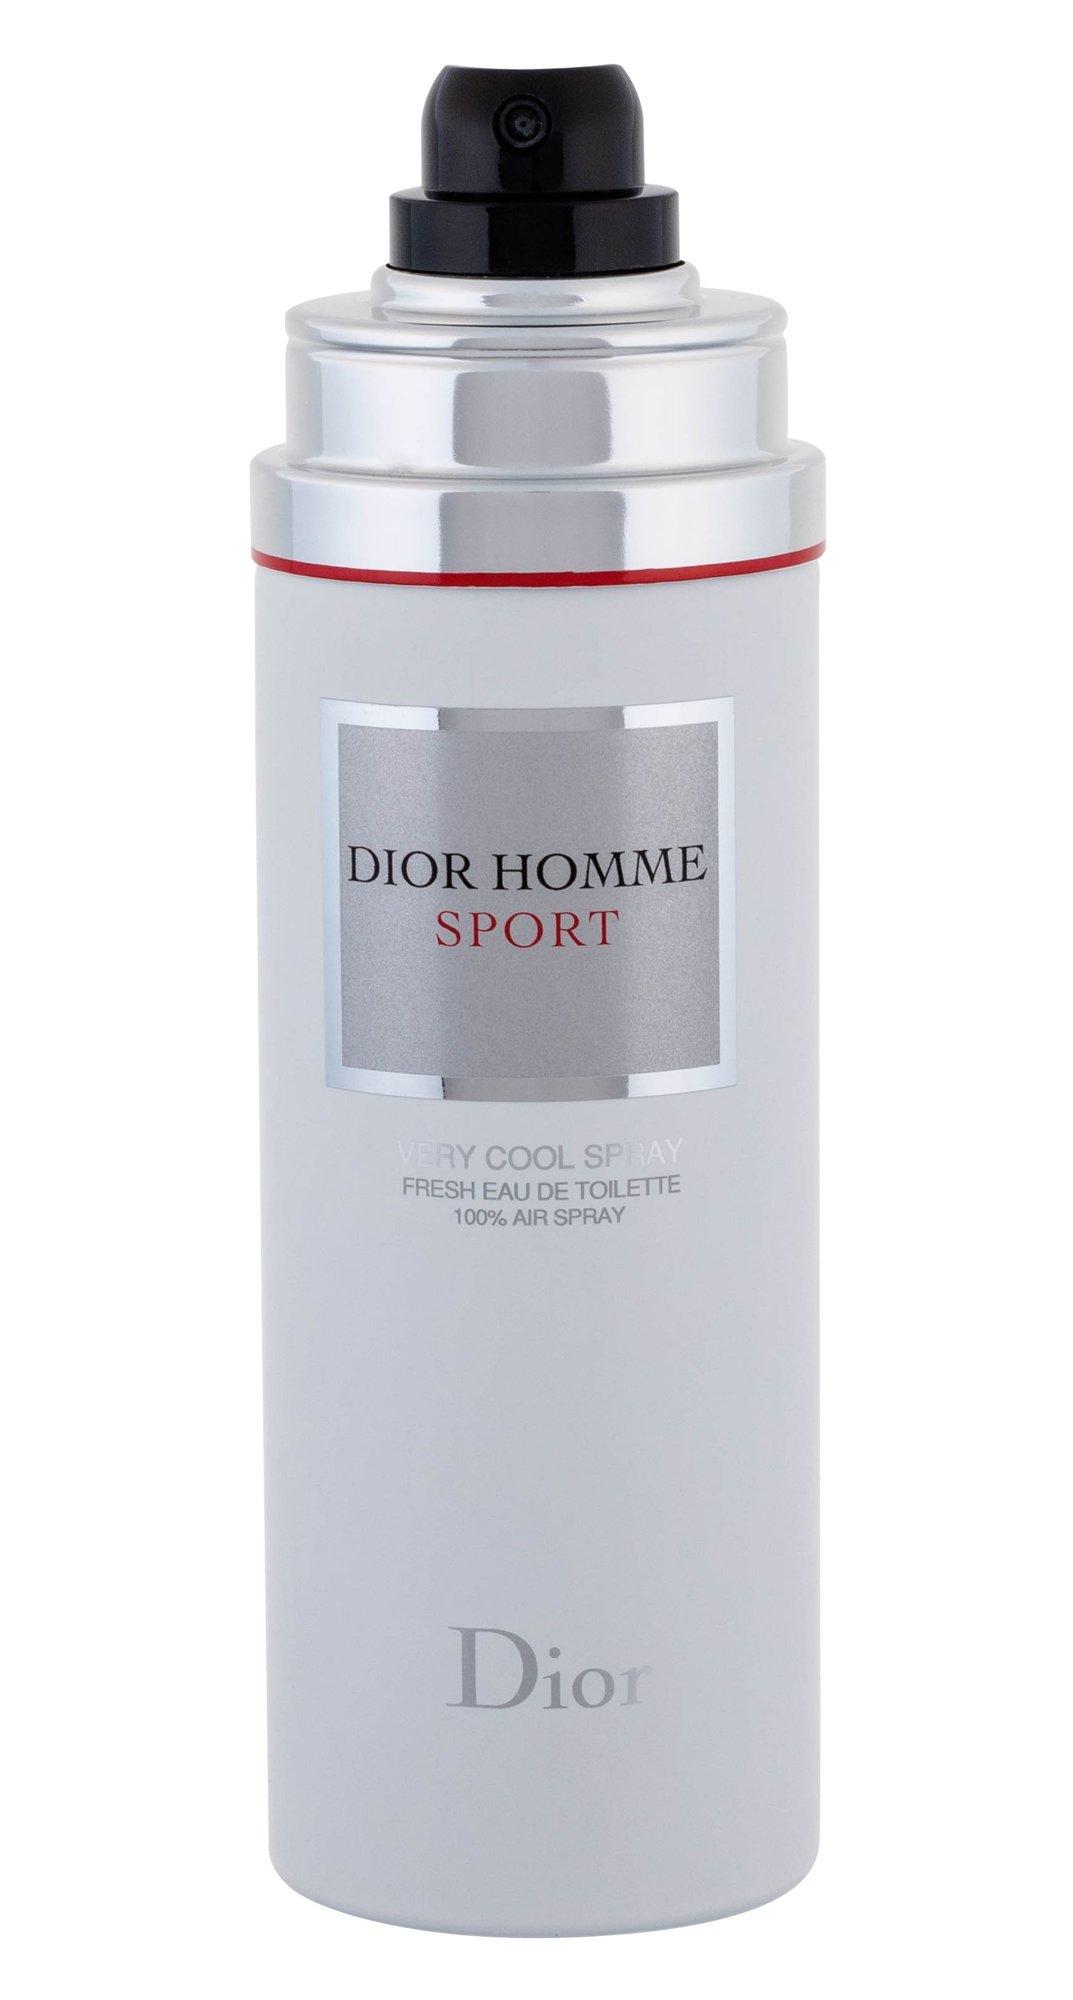 Christian Dior Dior Homme Sport Eau de Toilette 100ml